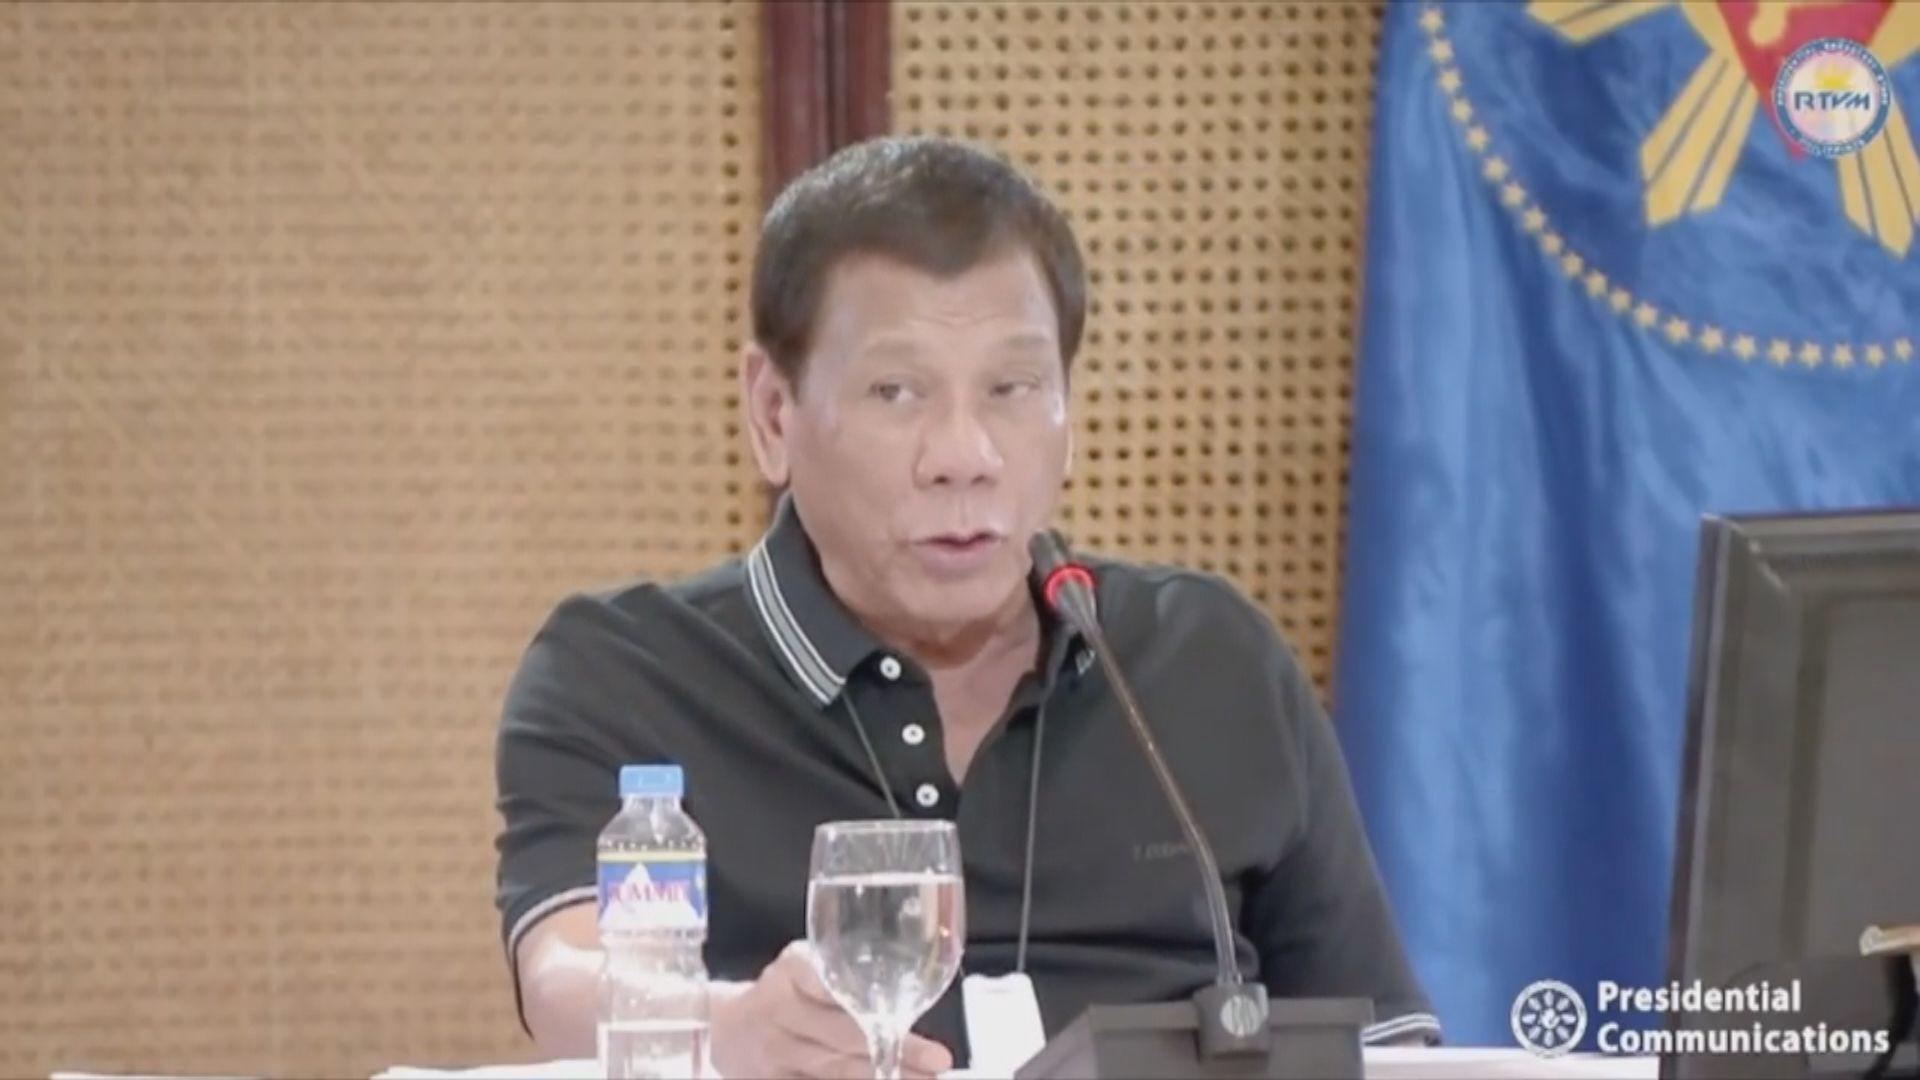 菲律賓呂宋全島採取隔離措施 馬來西亞周三起「封關」